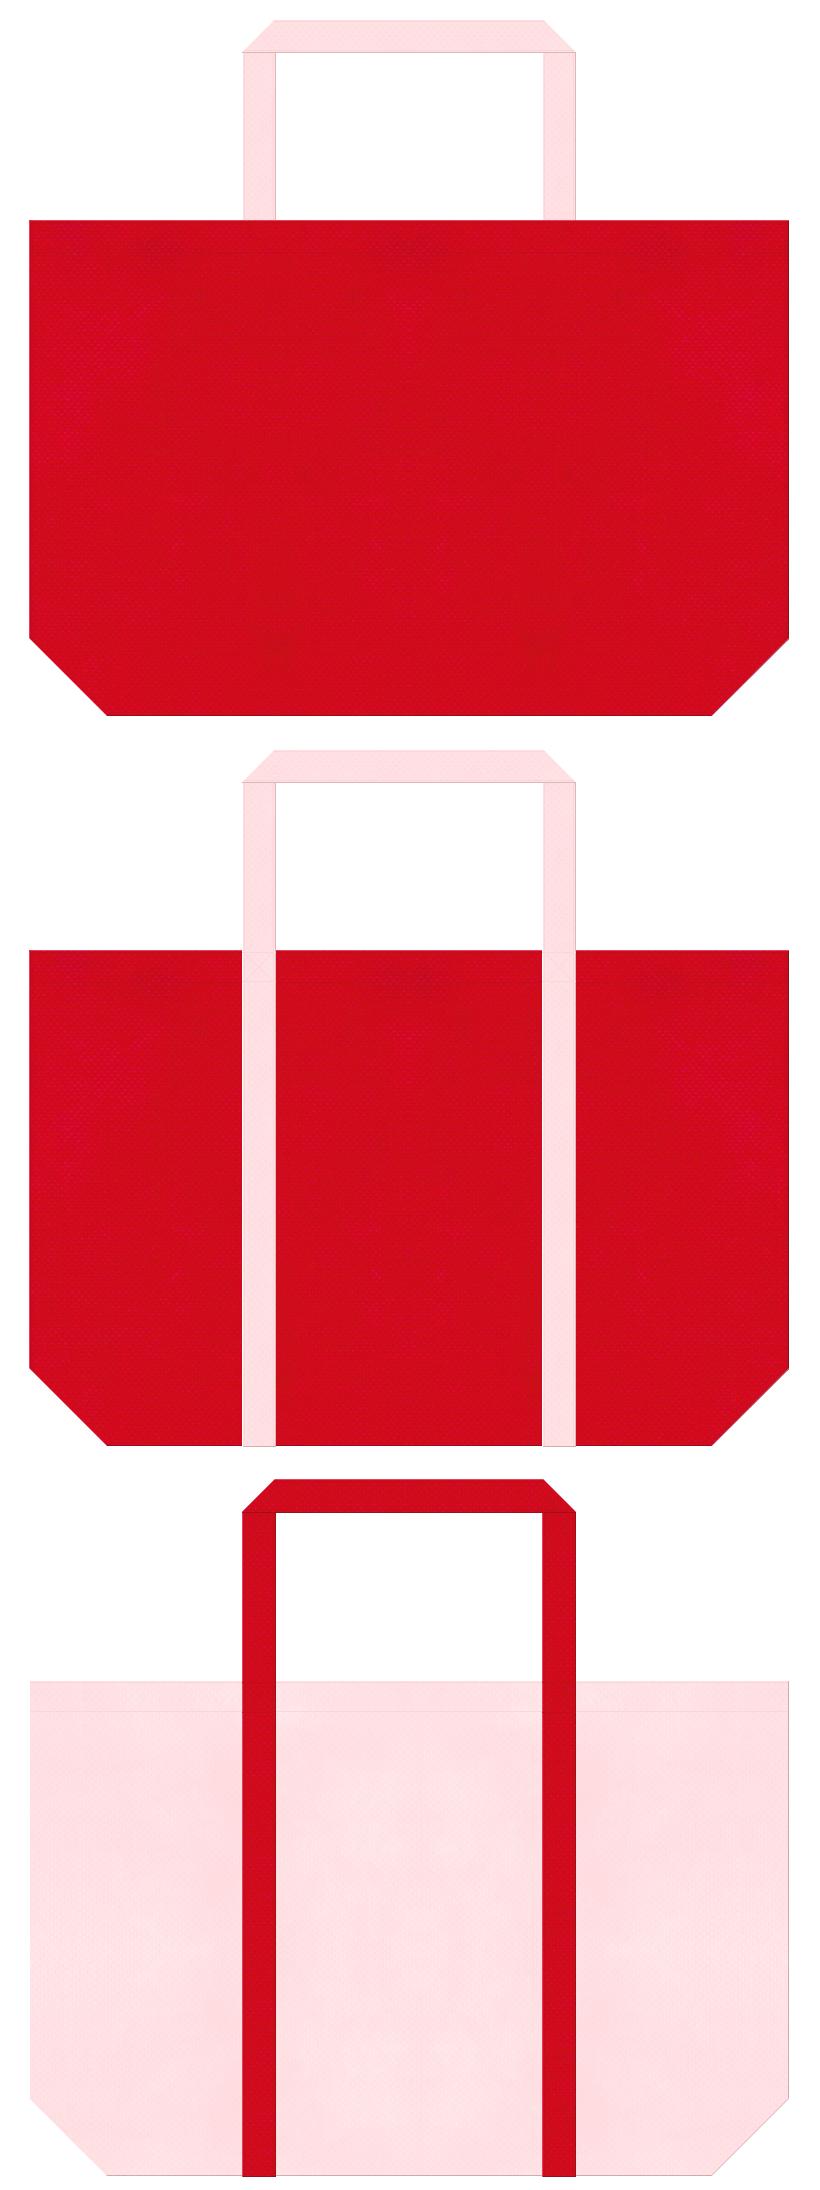 アニメ・ゲーム・舞踊・婚礼・いちご・ハート・カーネーション・母の日・いちご大福・和風催事・お正月・福袋・ひな祭りセールのショッピングバッグにお奨めの不織布バッグデザイン:紅色と桜色のコーデ